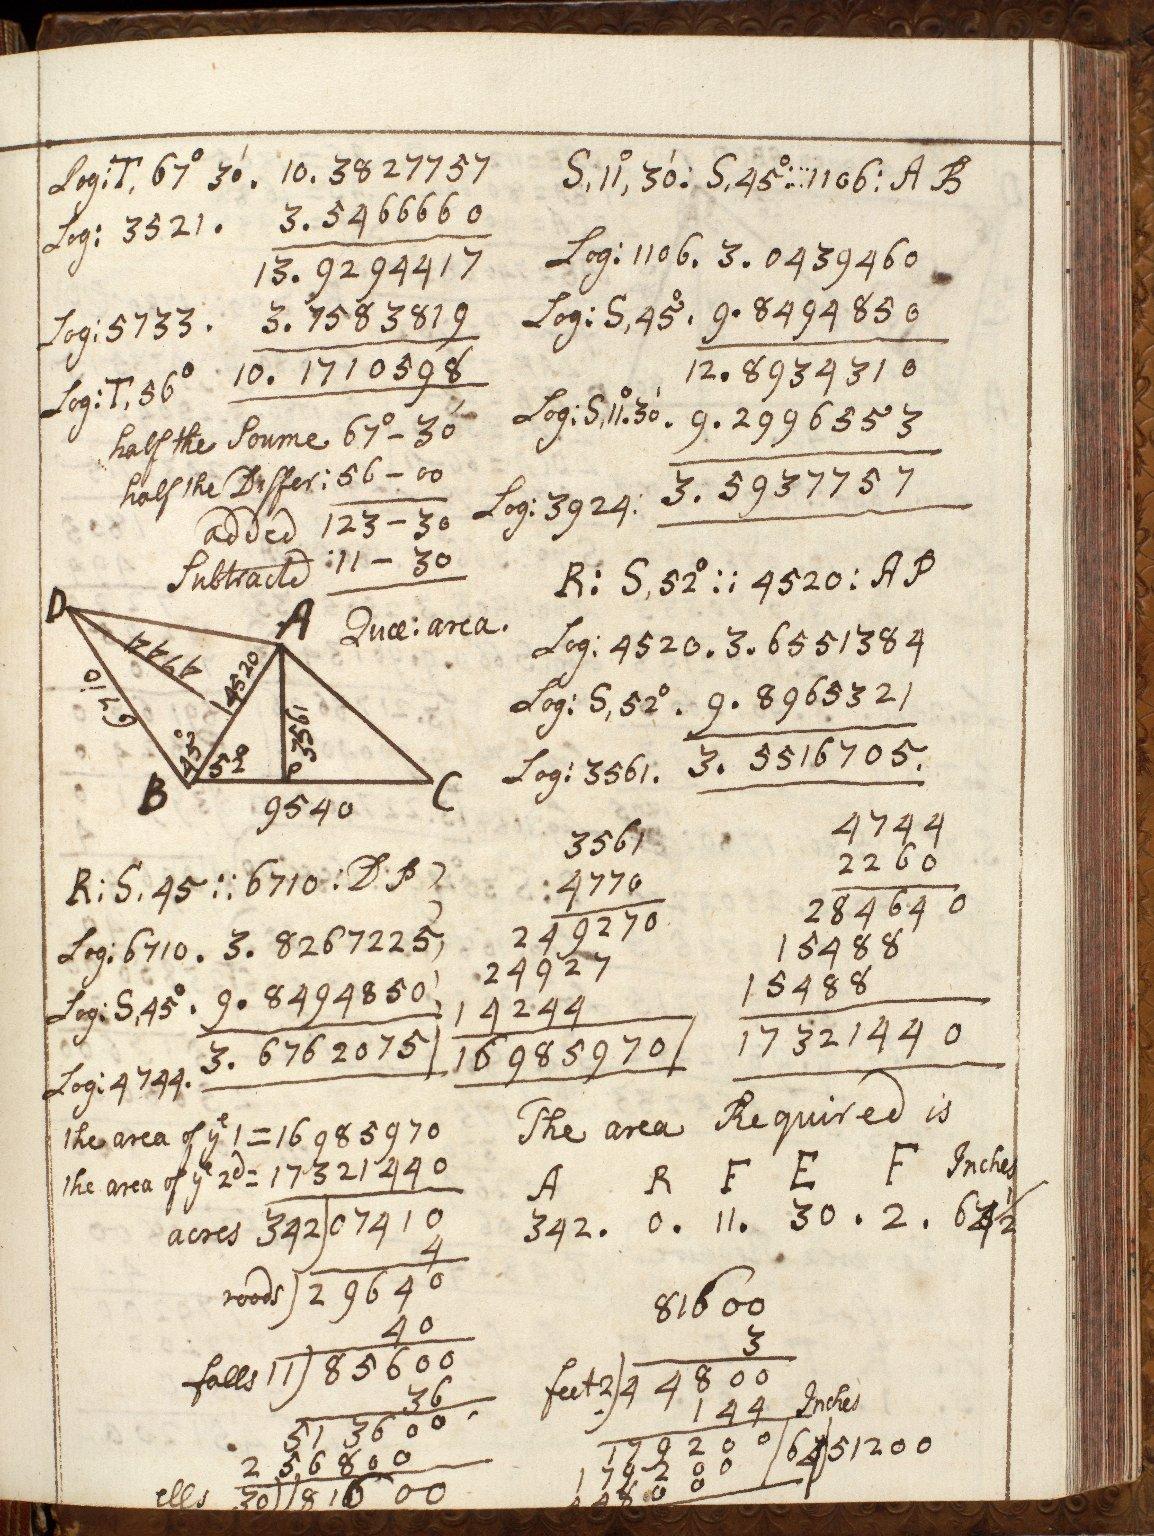 Geometria Practica A Domino Davide Gregory in Academia Edinensi Matheseos Professore. [12 of 16]